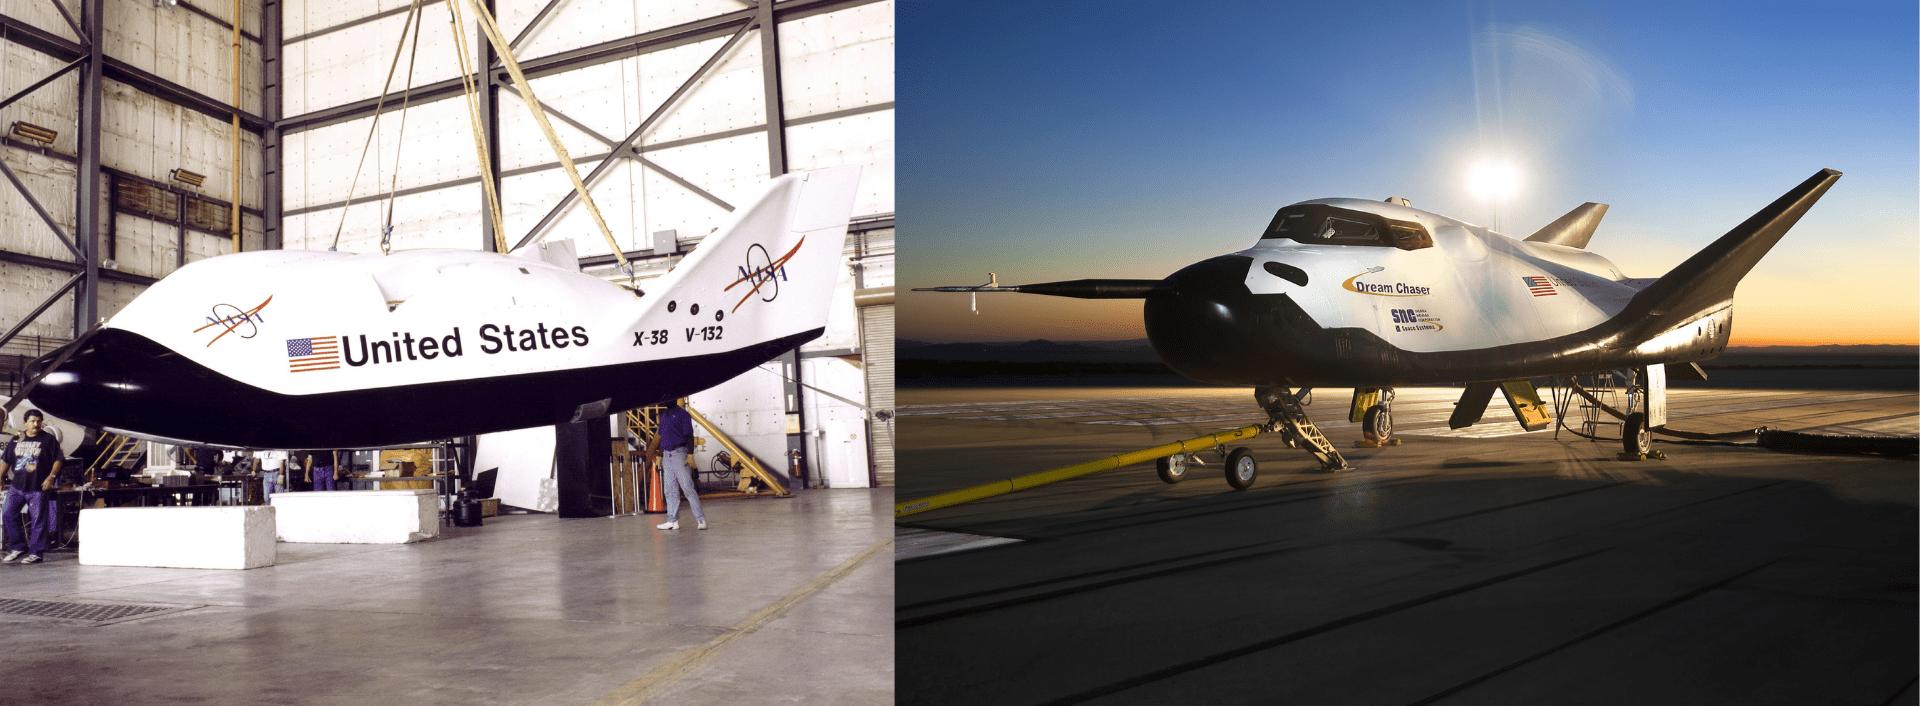 Uno dei prototipi in scala ridotta di X-38, usati per i drop test, all'interno di un hangar nel Dryden Flight Research Center della NASA. A destra il Dream Chaser.